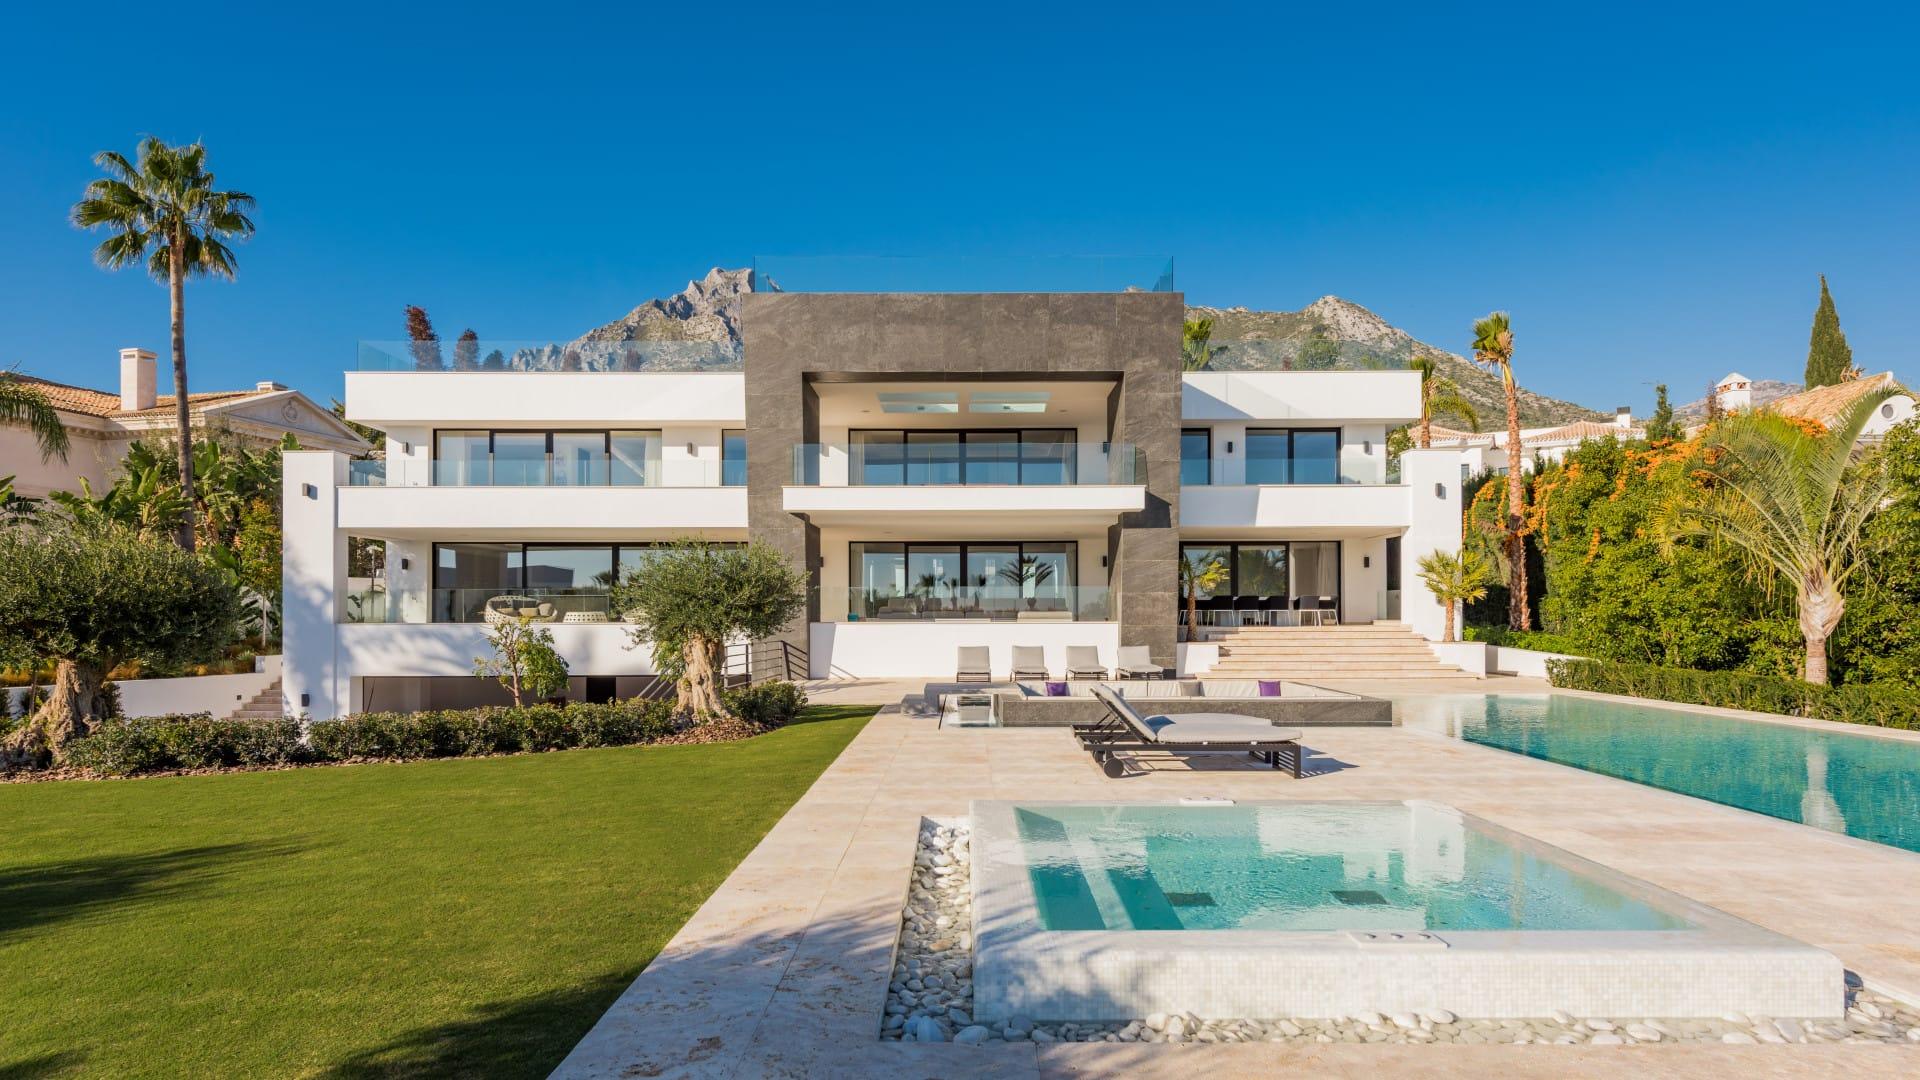 Villa moderna en Sierra Blanca, Marbella